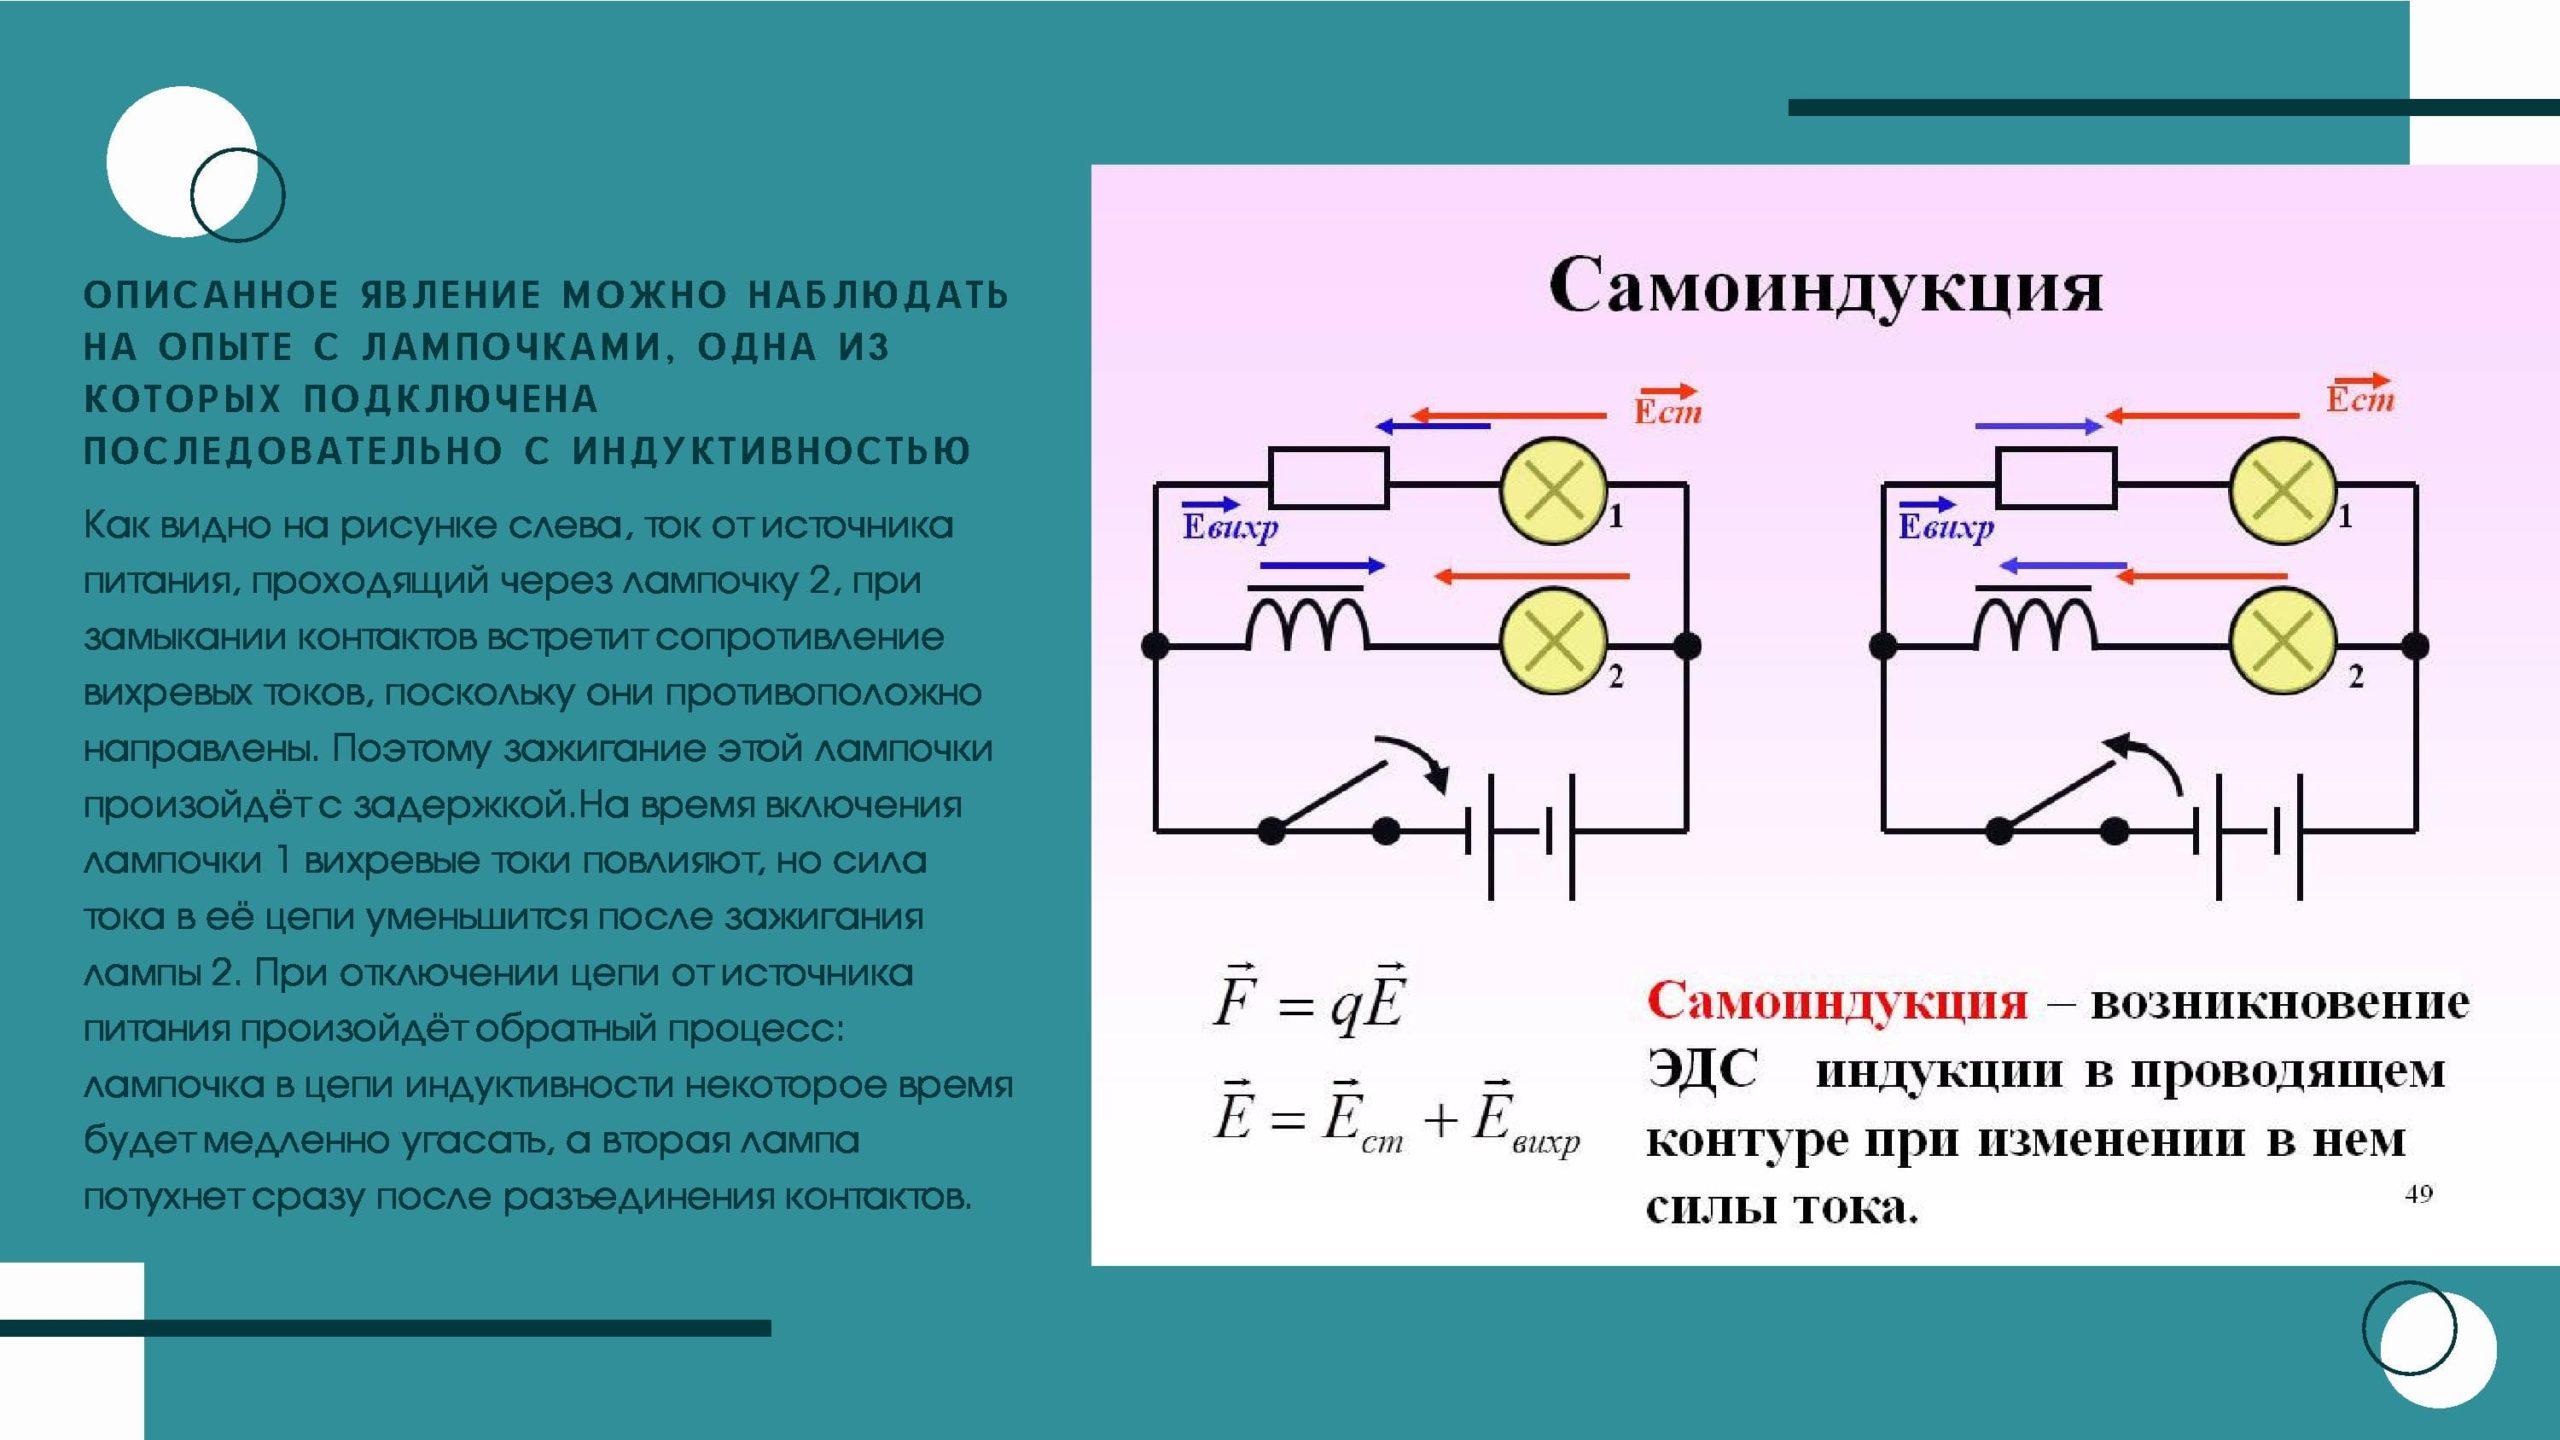 Самоиндукция - возникновение ЭДС индукции в проводящем контуре